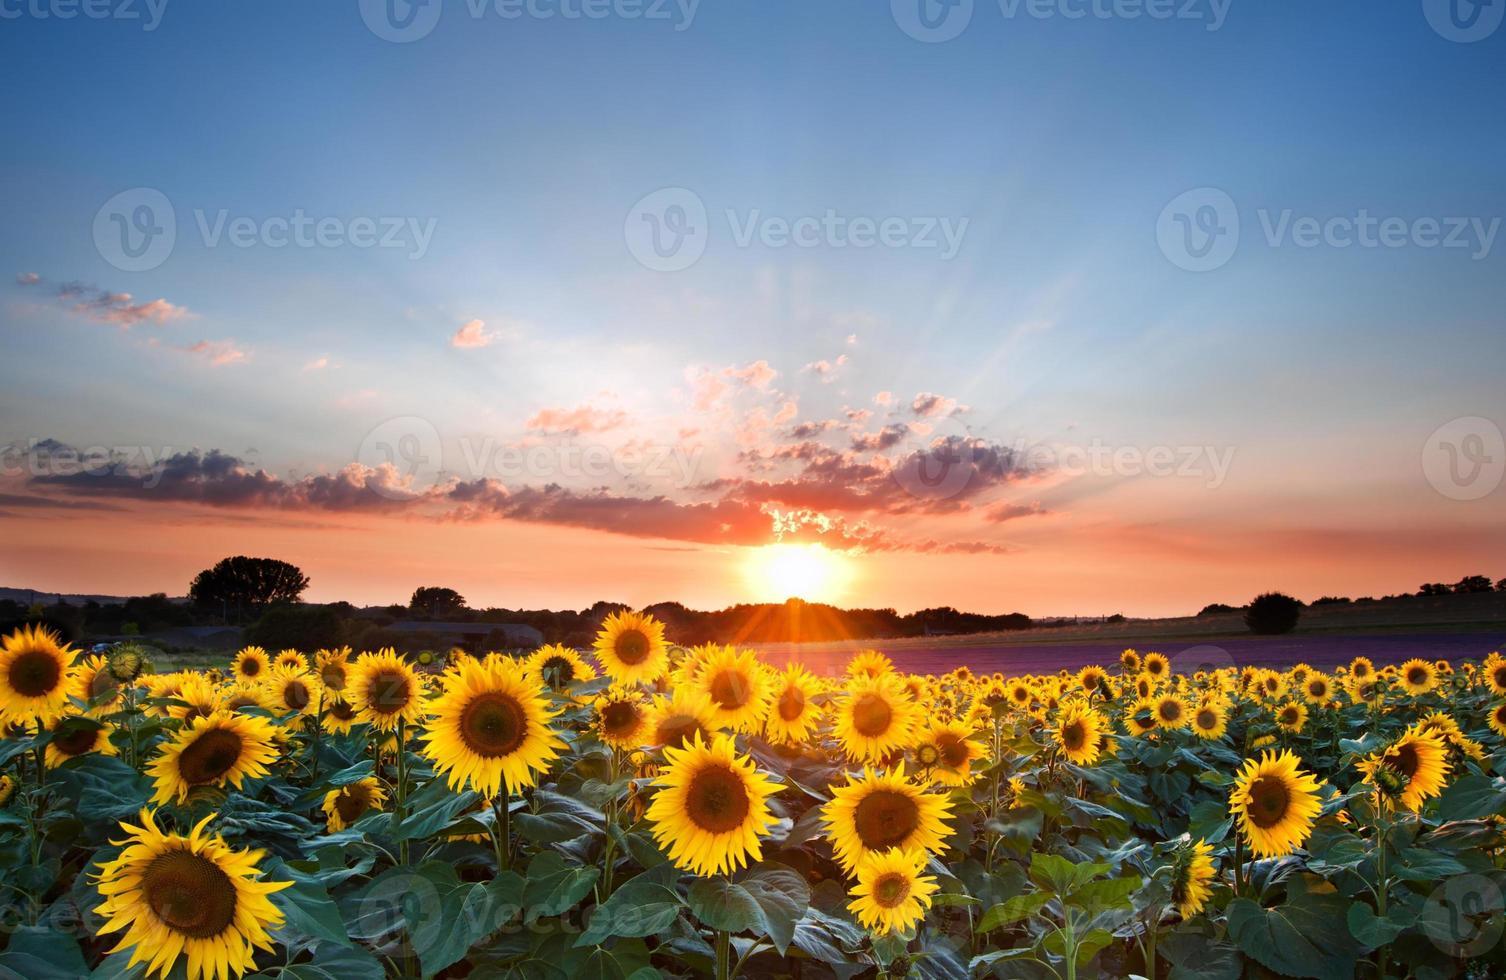 lindos girassóis durante um pôr do sol de verão com céu azul foto